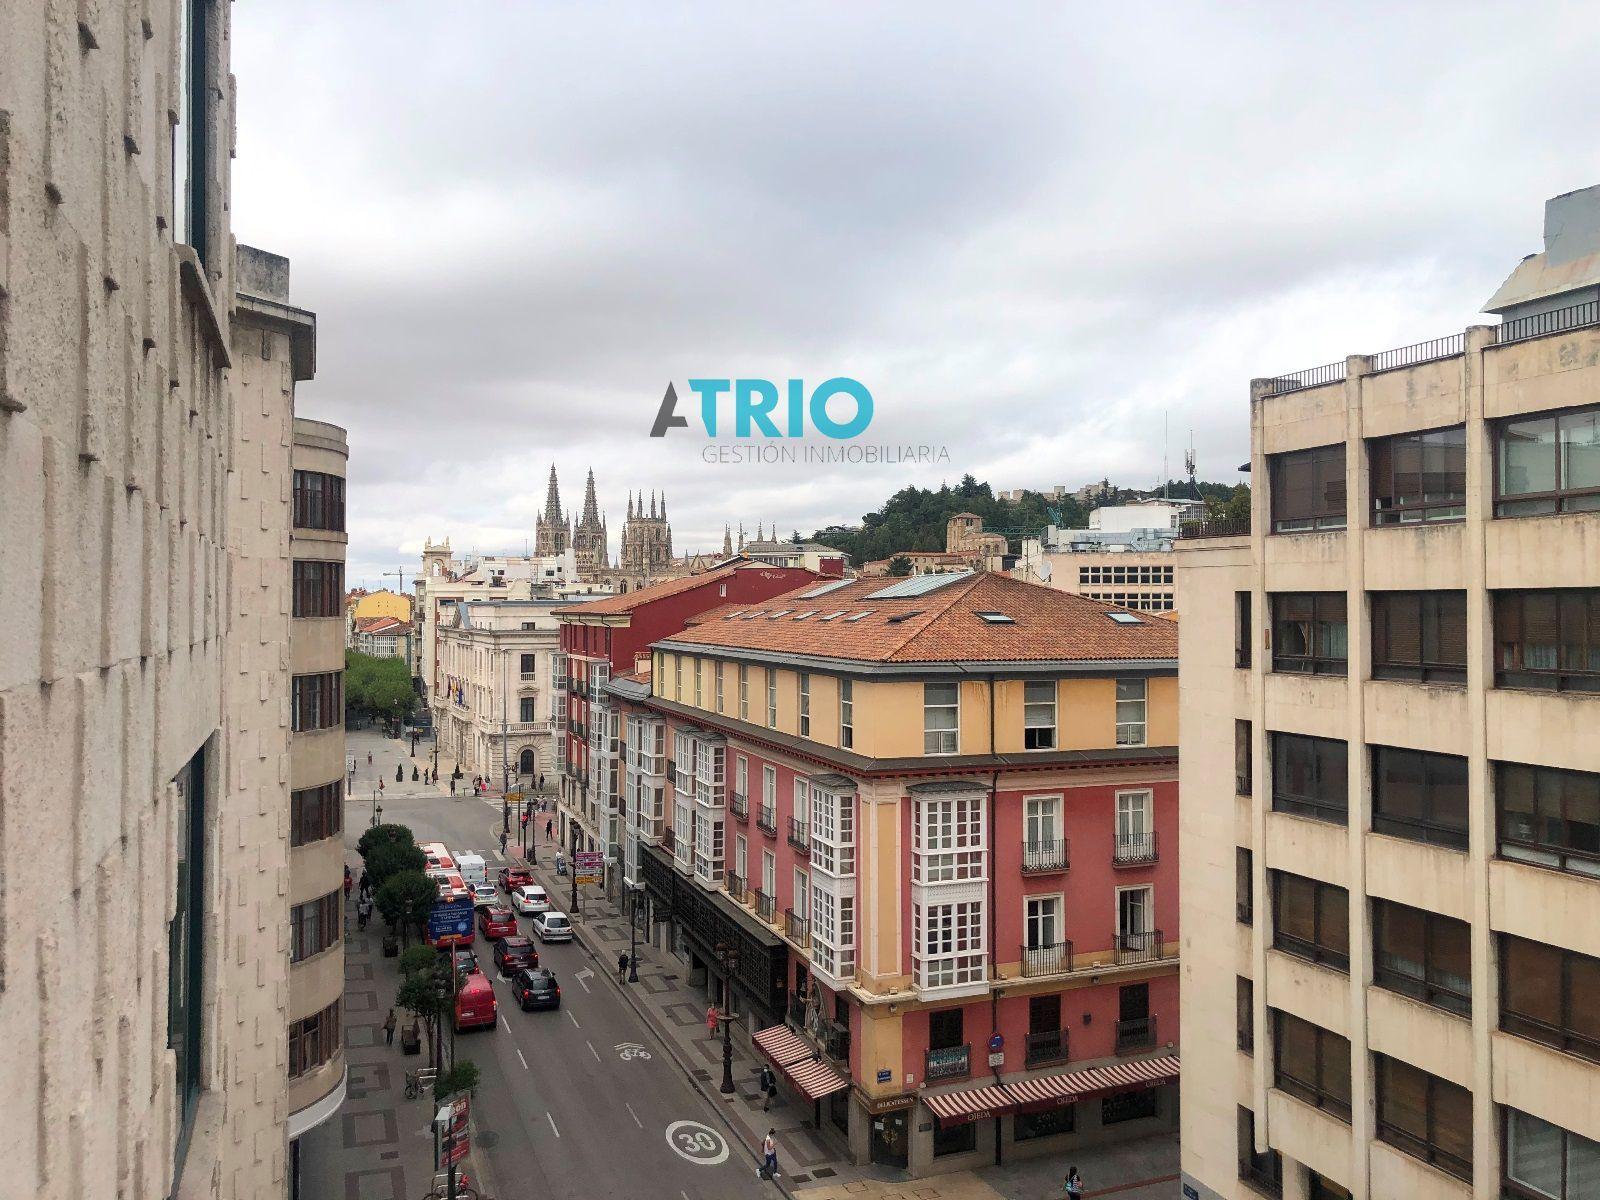 dia.mobiliagestion.es/Portals/inmoatrio/Images/6935/5286096